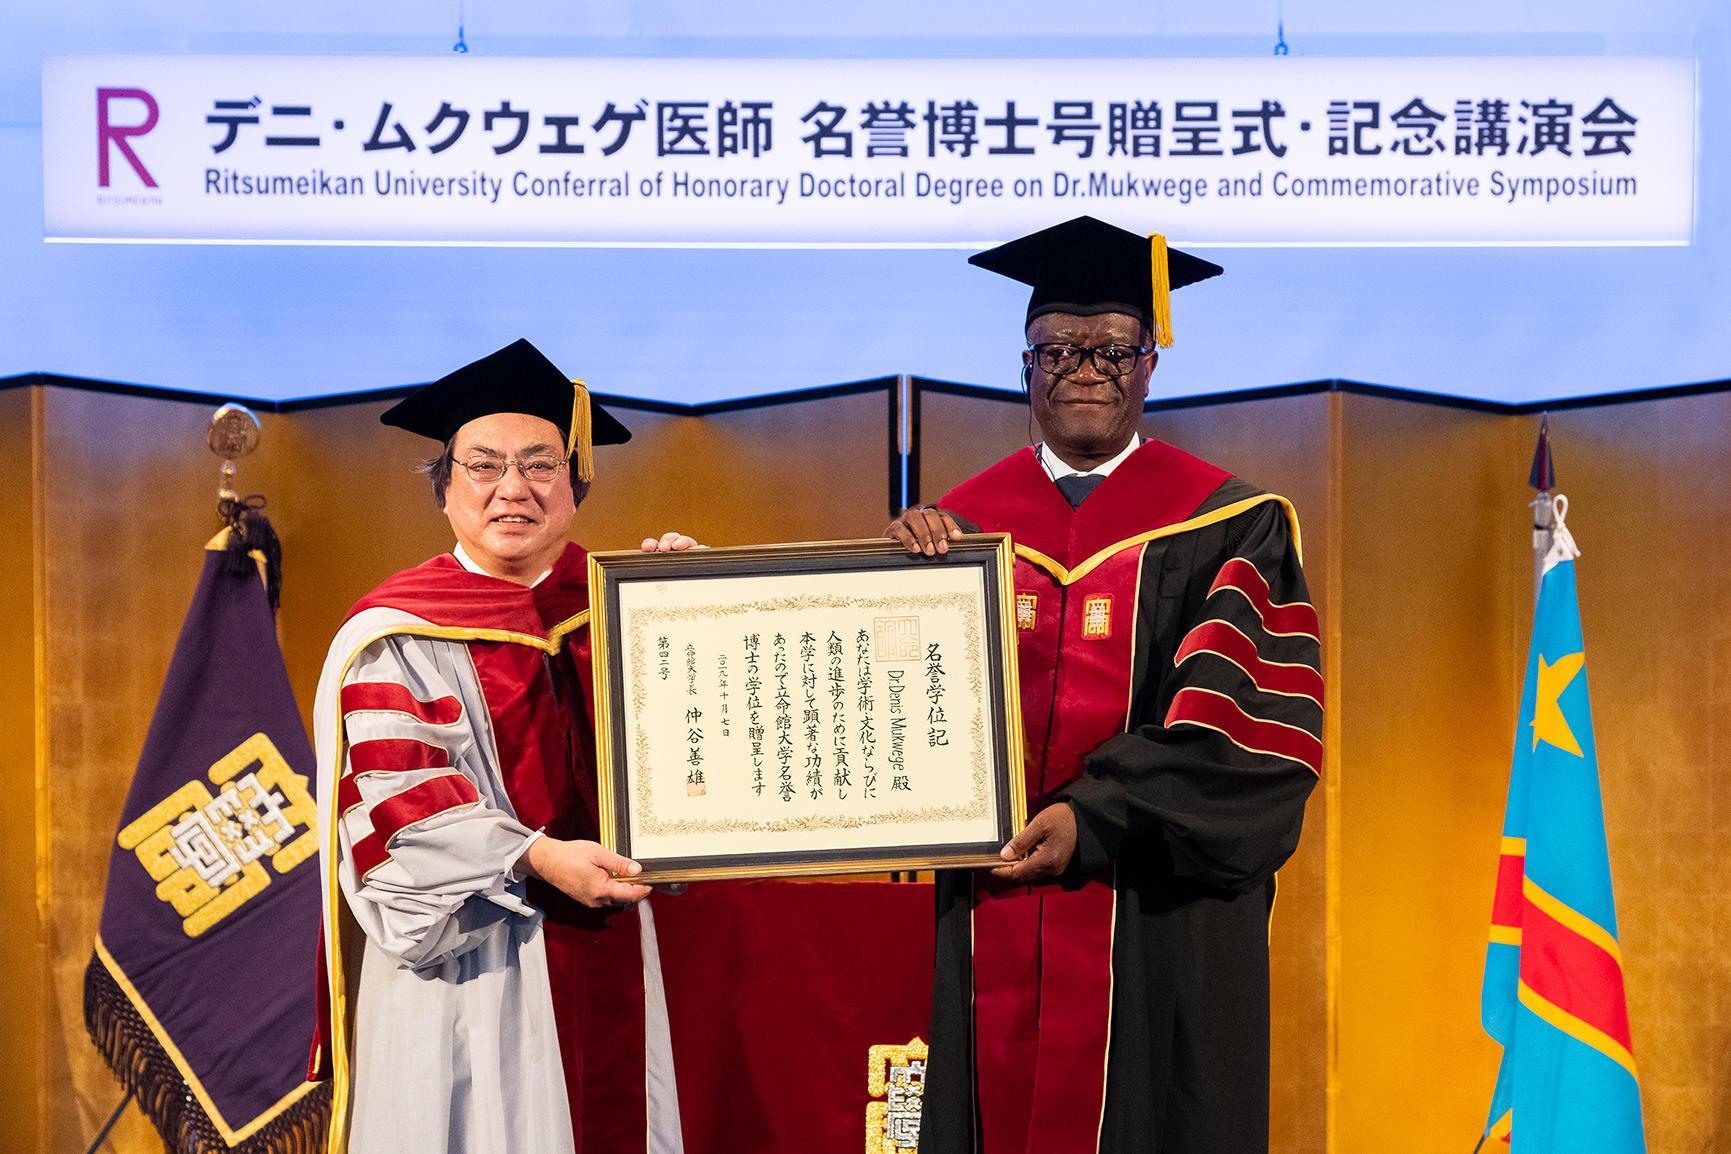 コンゴ民主共和国のデニ・ムクウェゲ医師(2018年ノーベル平和賞受賞者)へ名誉博士号を贈呈